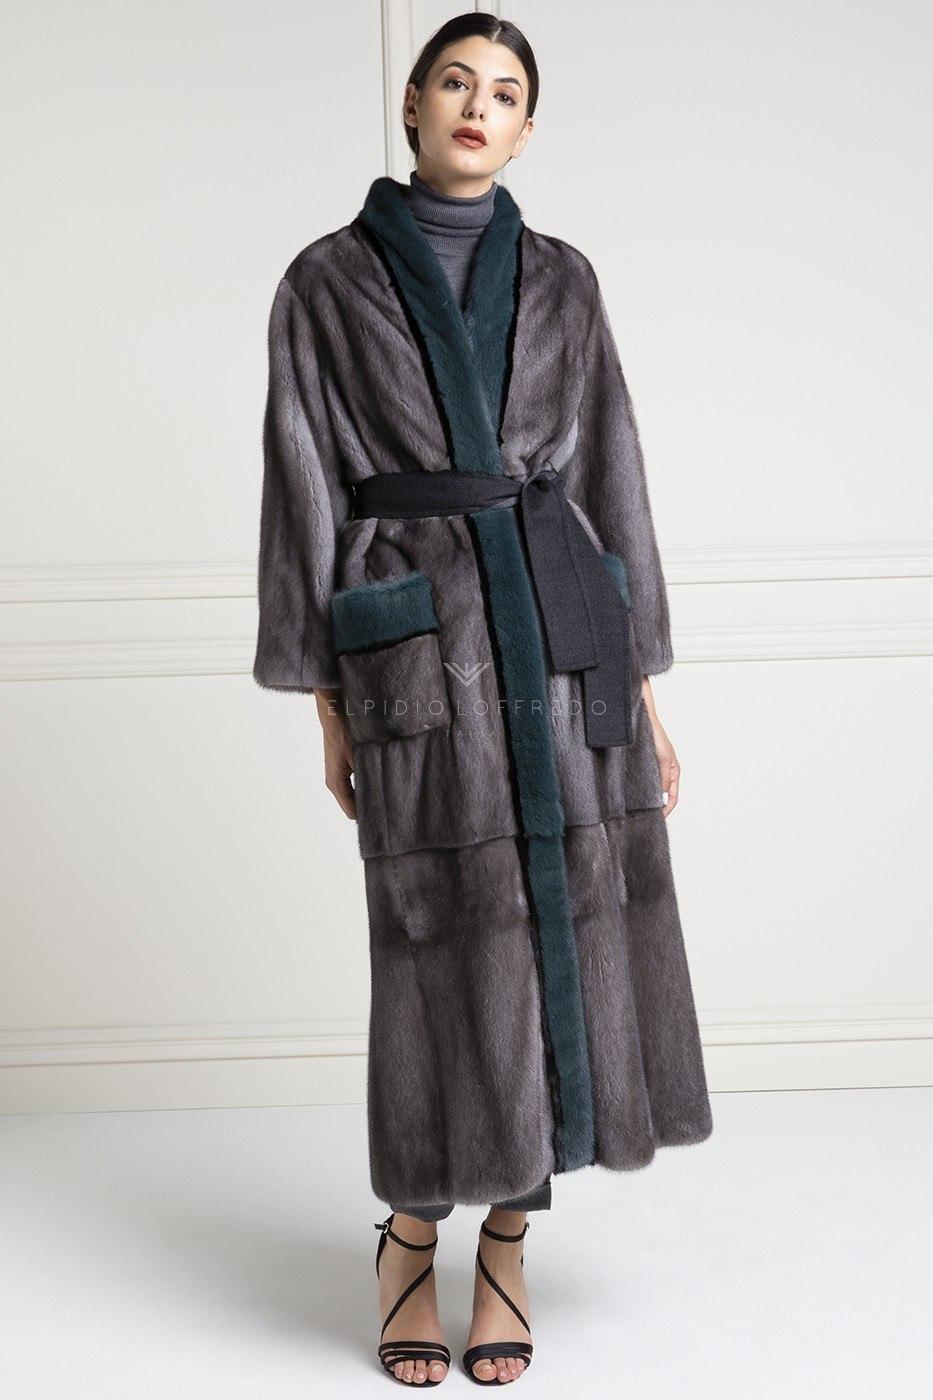 Cappotto di Visone Blue Iris - Lunghezza 130 cm